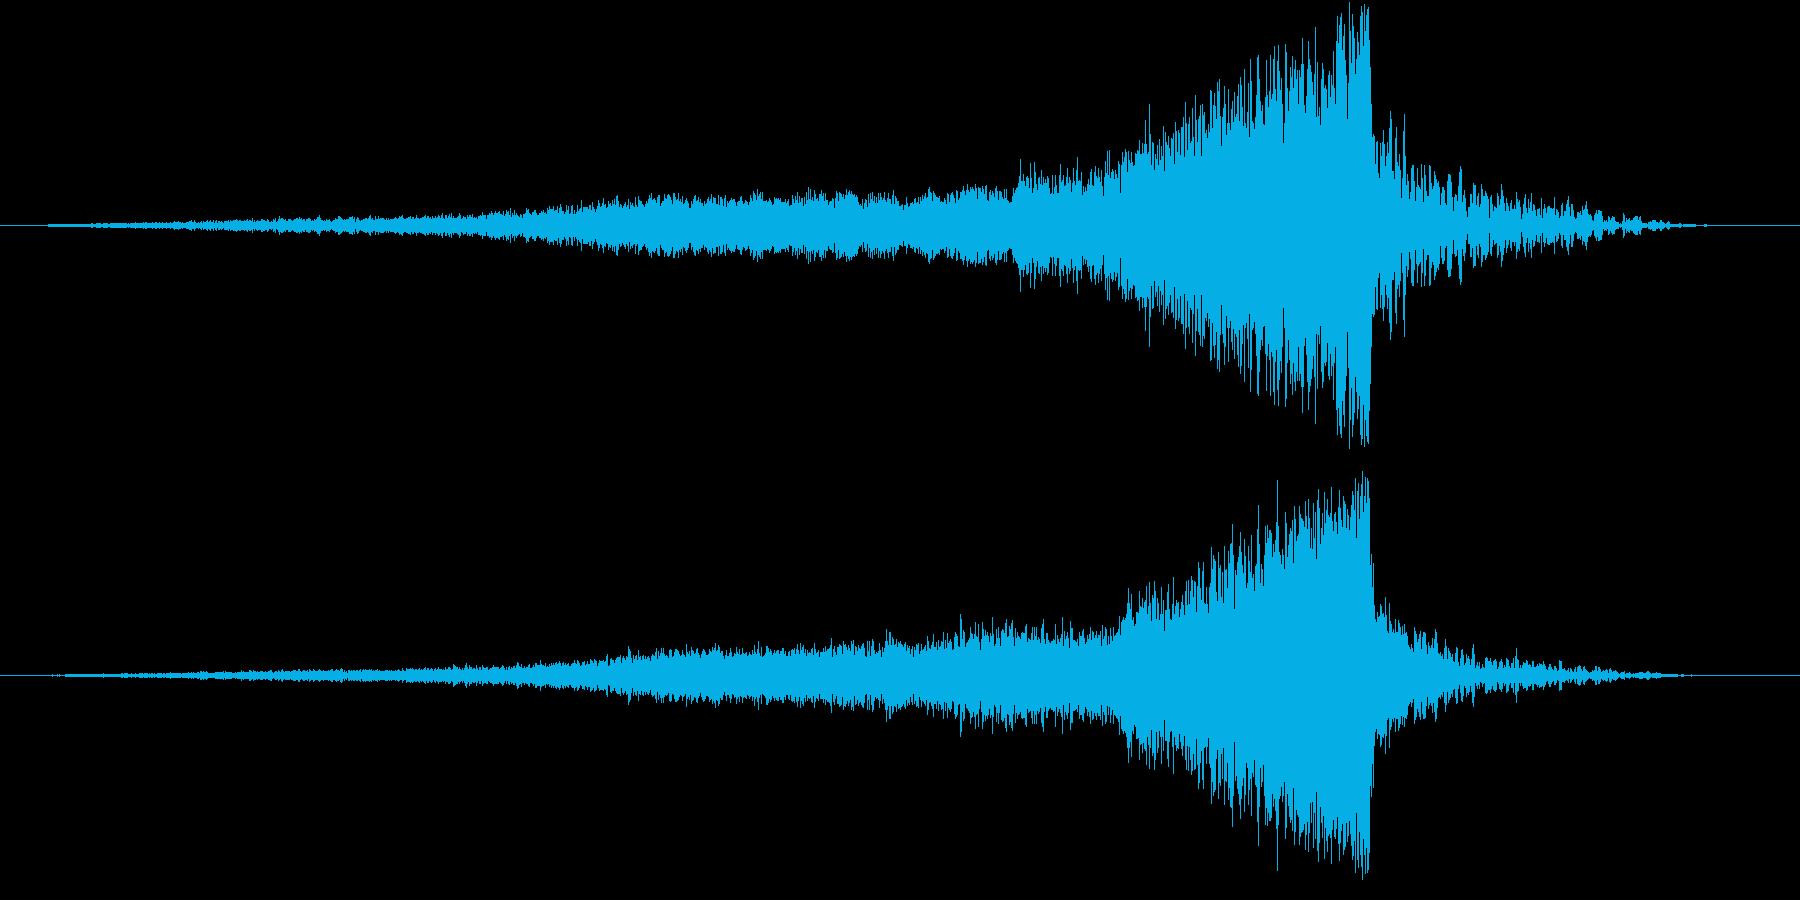 【ライザー】32 エピックサウンド 迫力の再生済みの波形